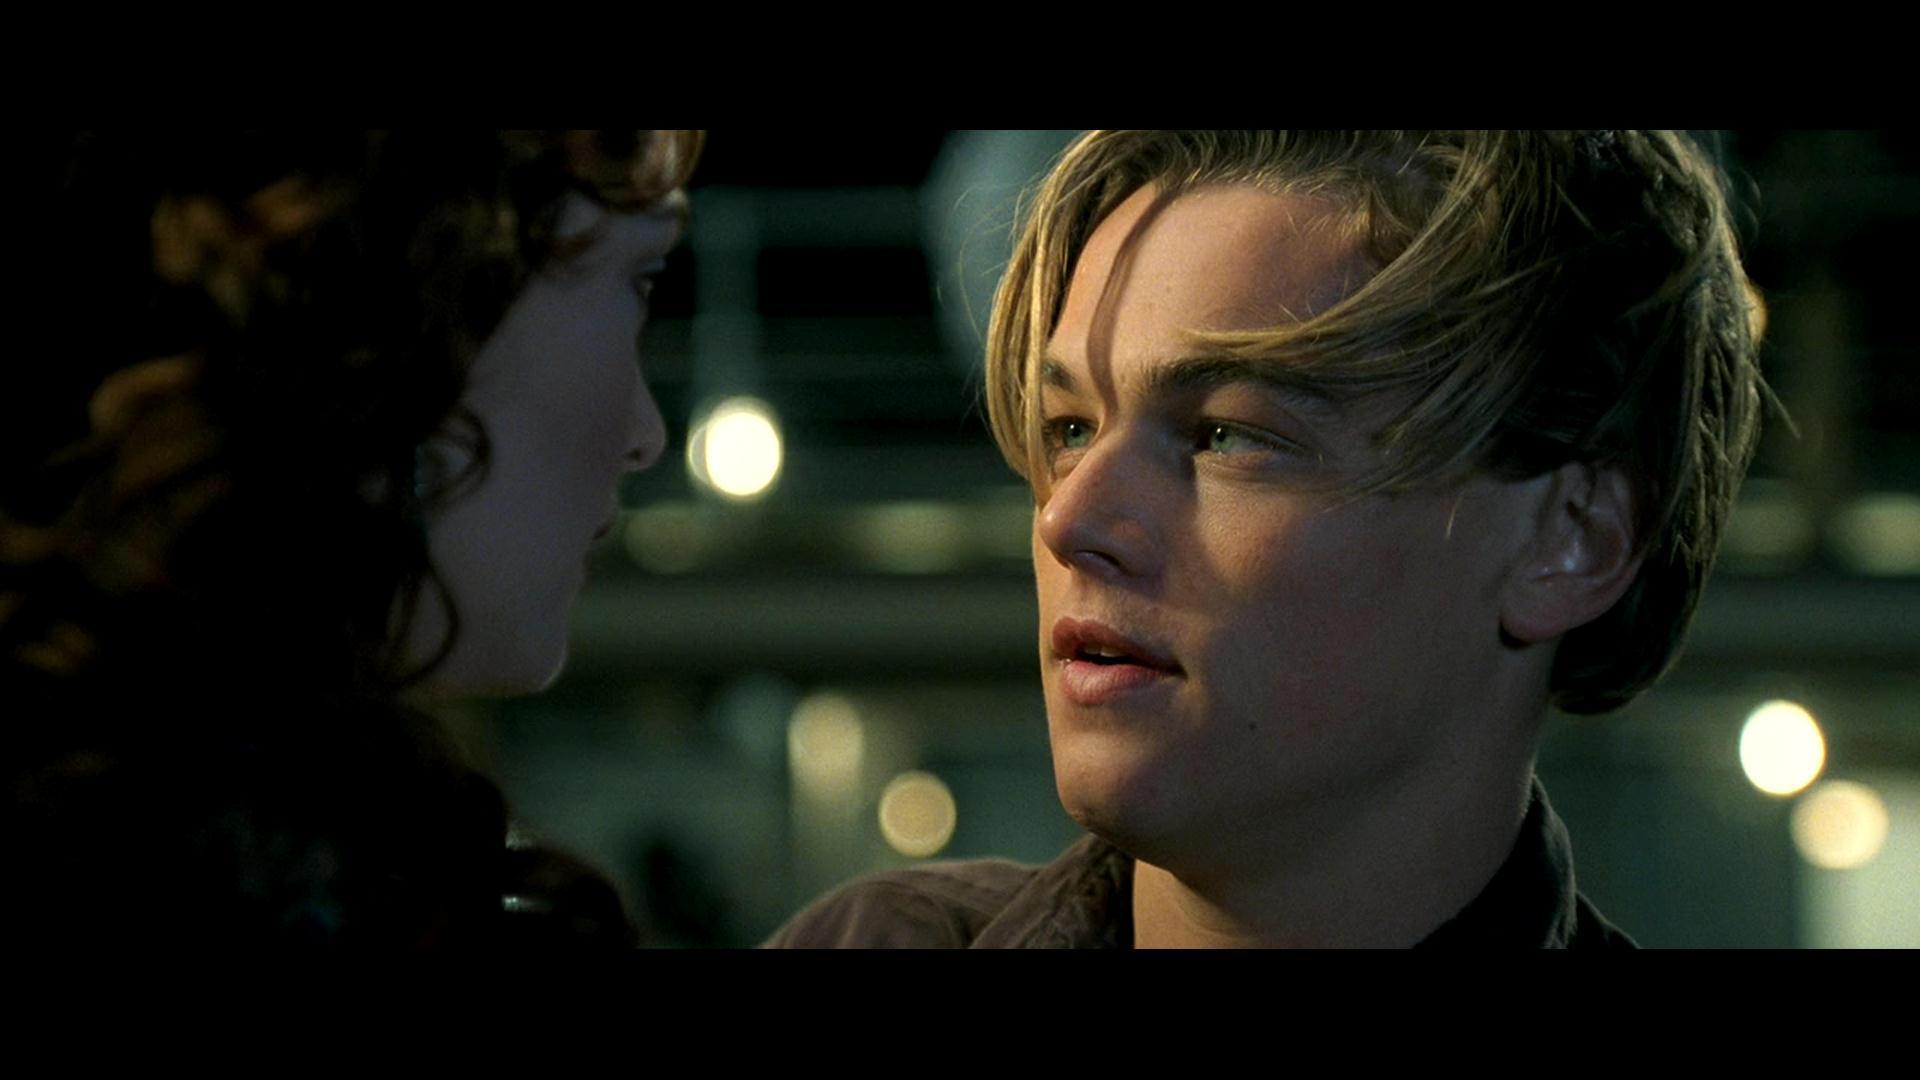 【泰坦尼克号完整版】titanic.1997.720p.bluray.x264